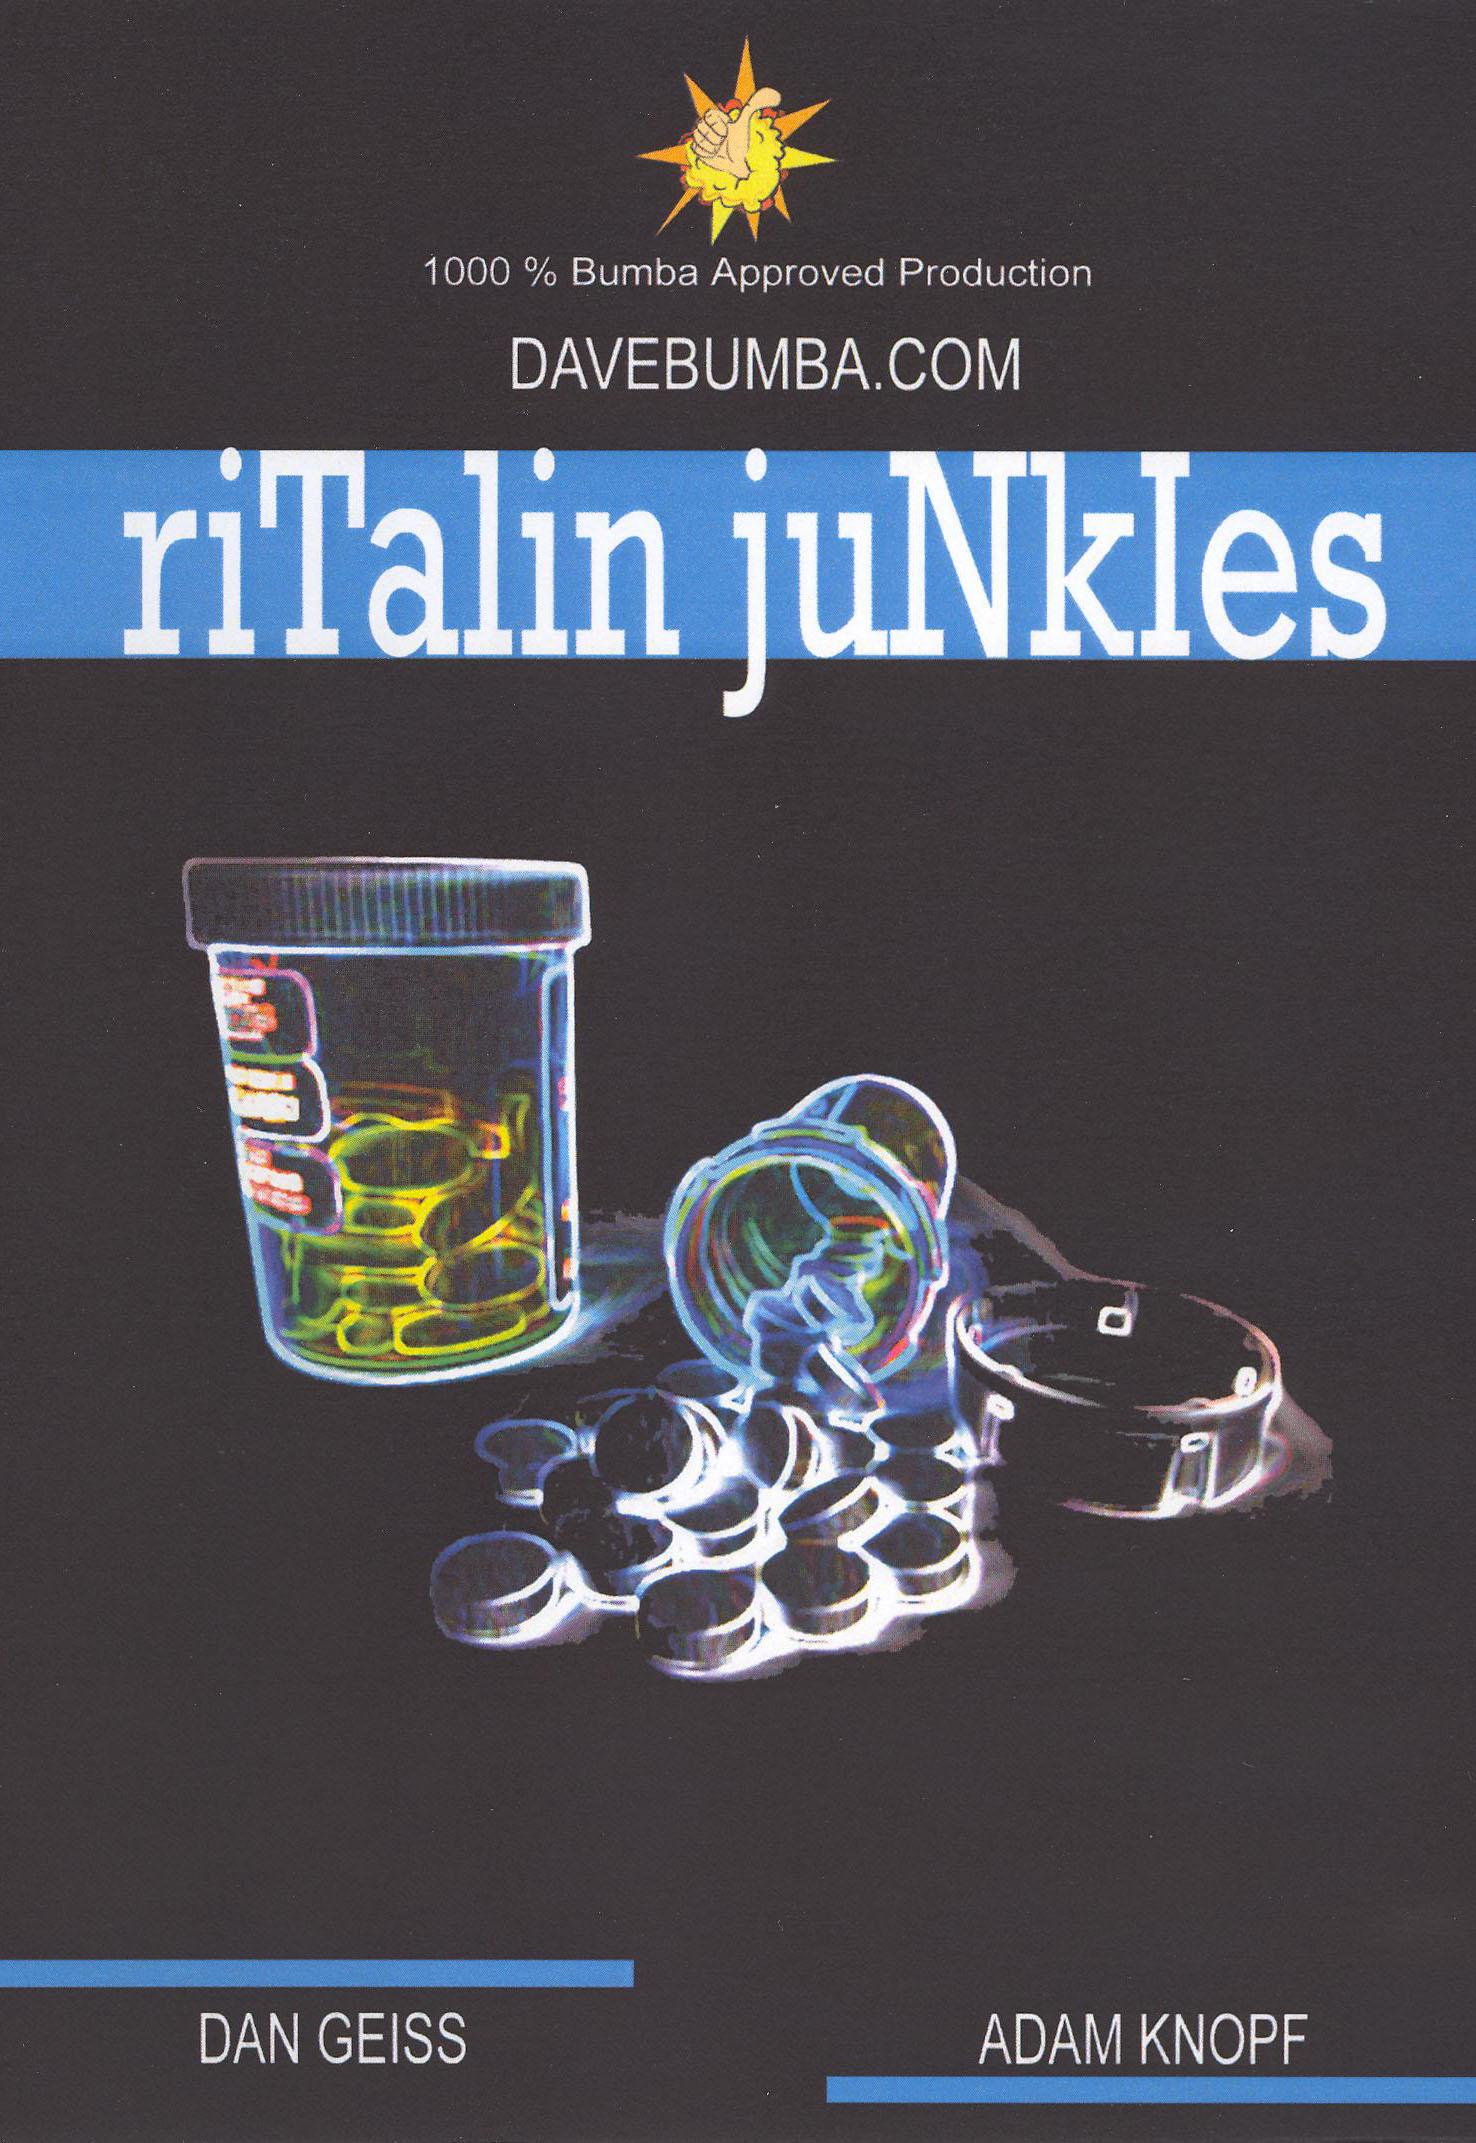 Ritalin Junkies